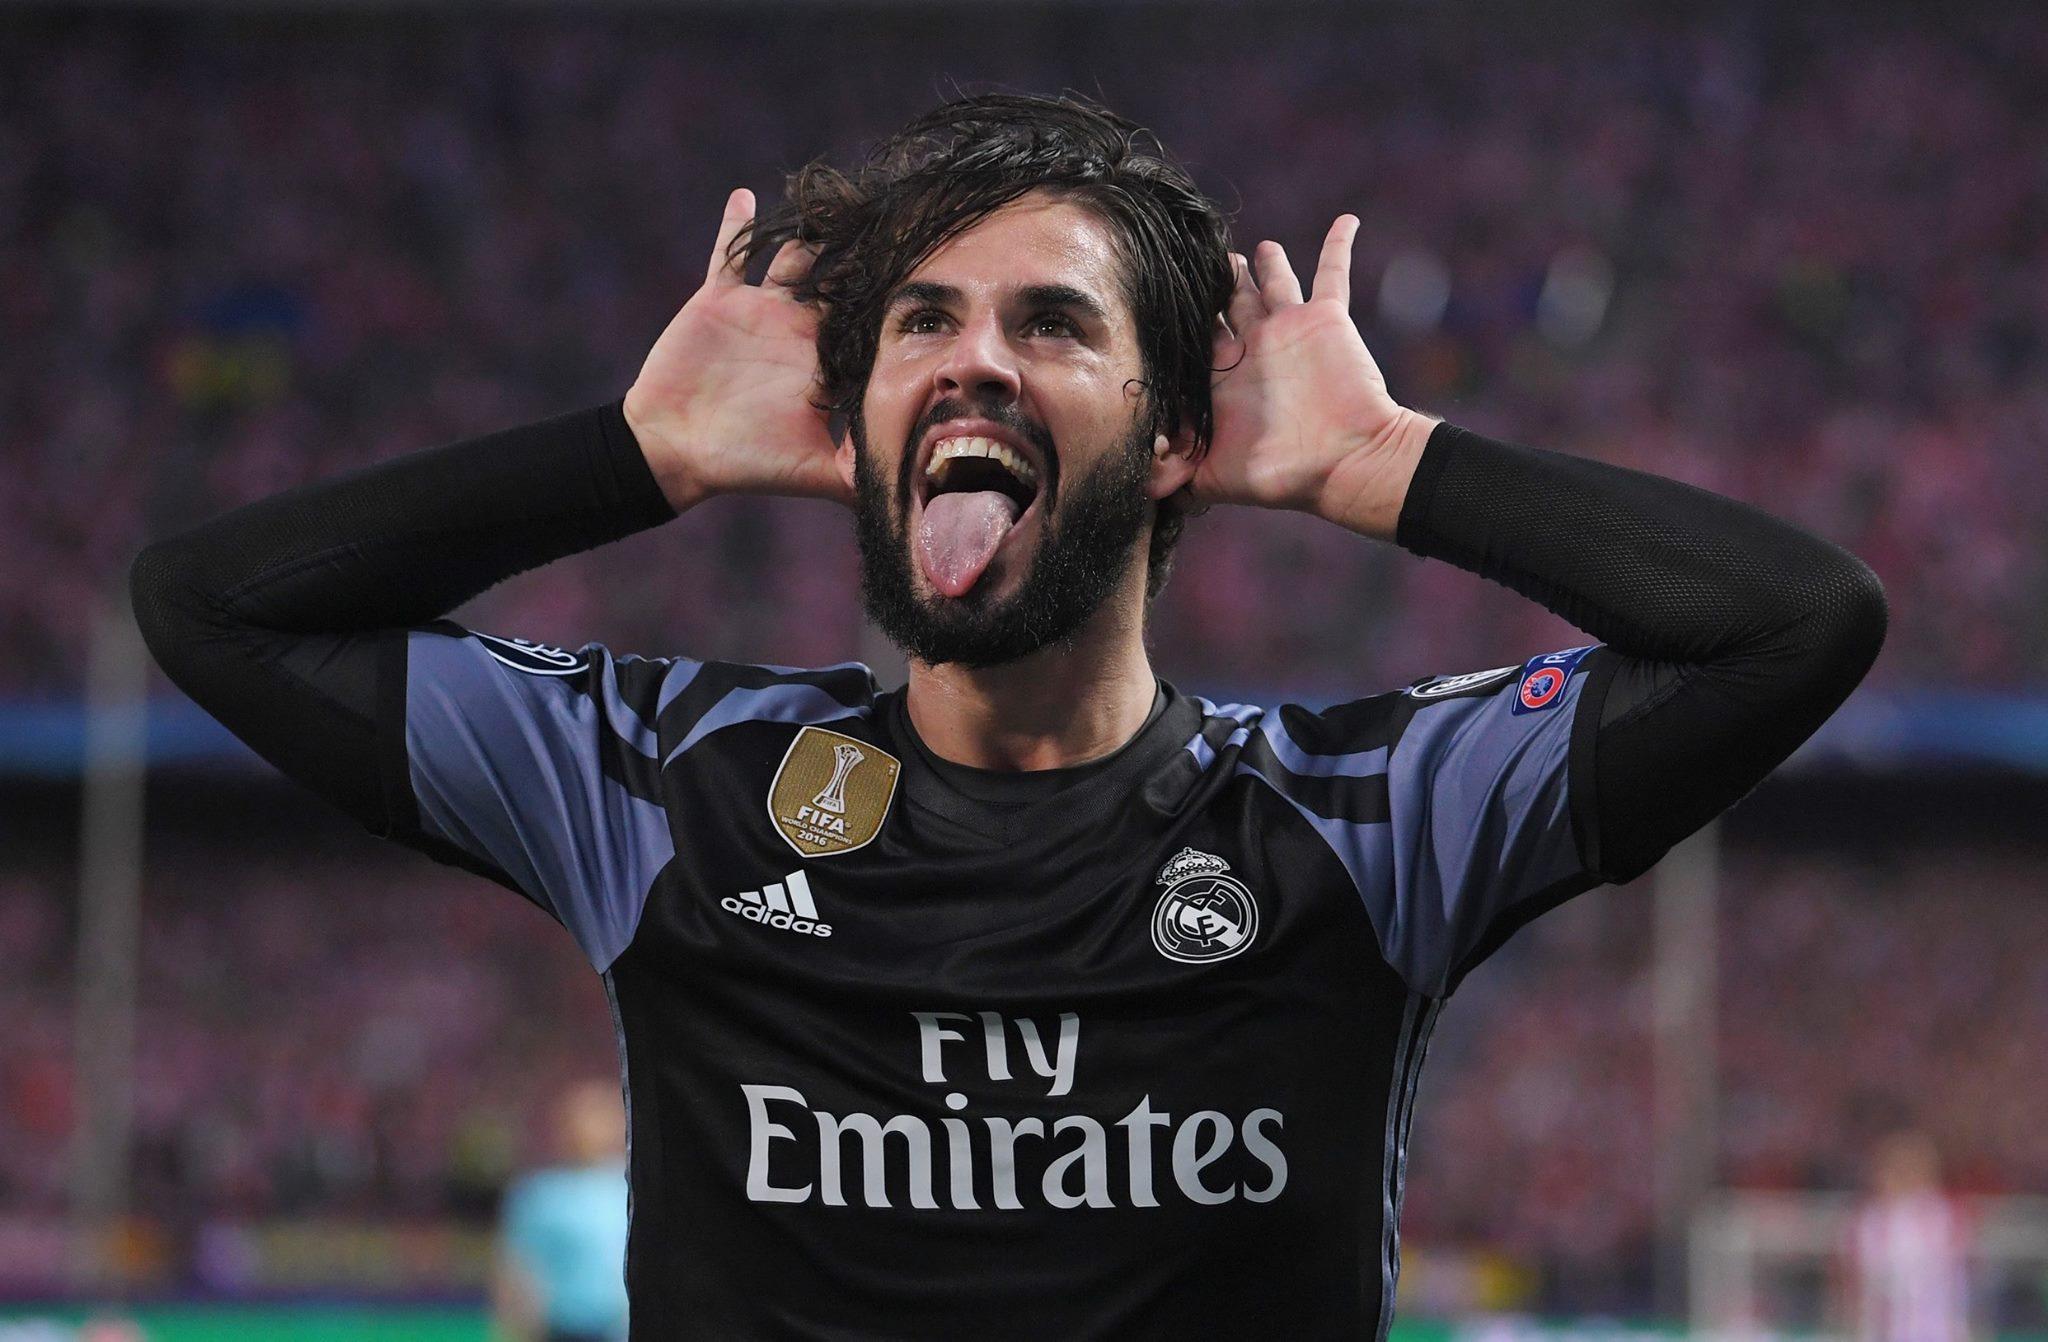 ايسكو يتقدم لريال مدريد بهدف رأئع في شباك مالاجا